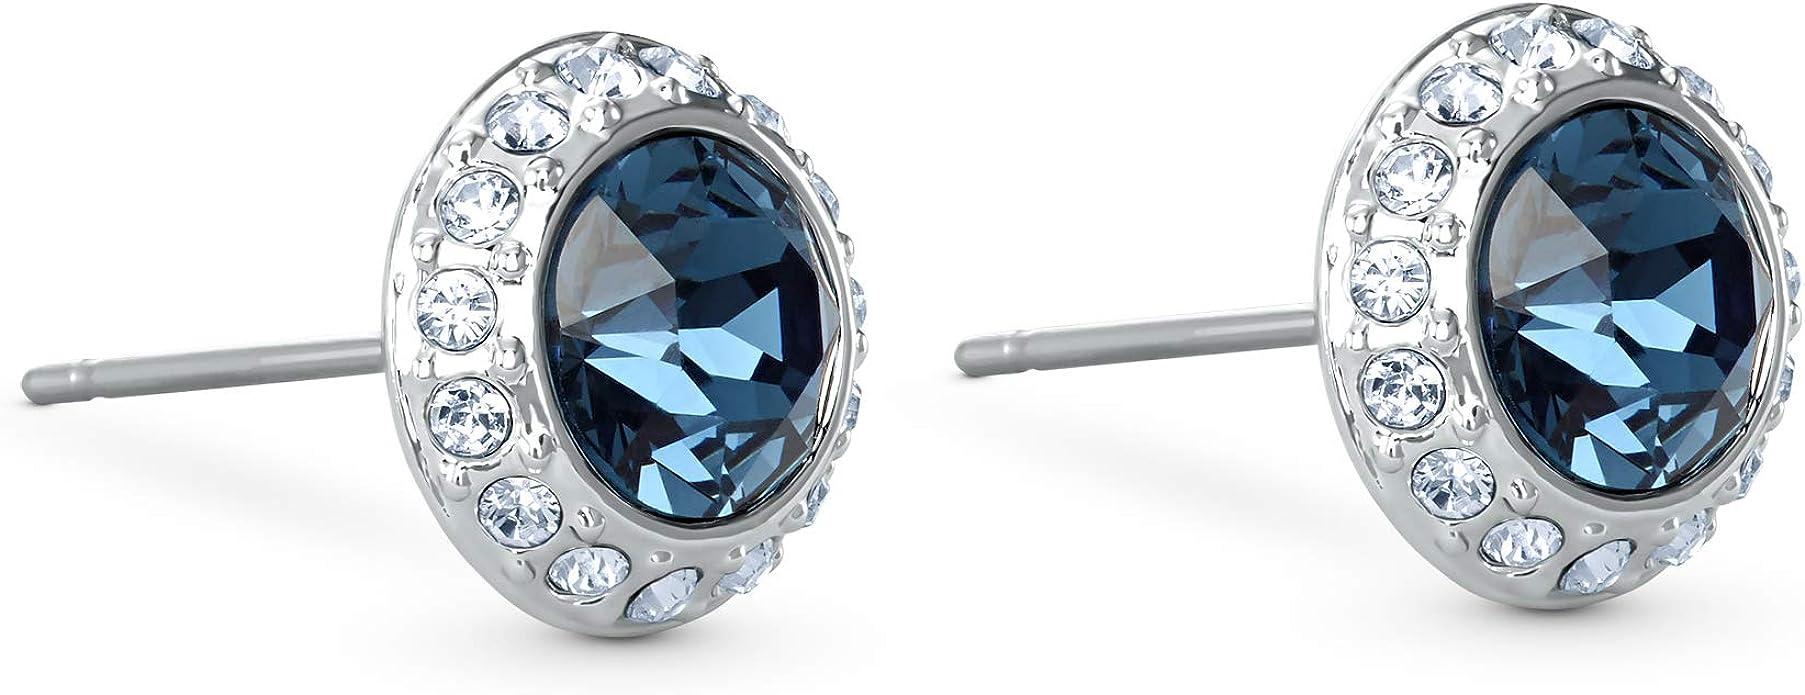 Details about  /Dreamz BLUE SWIRL EARRINGS MOD Avant Garde Handmade Metal Craft Jewelry Barbie